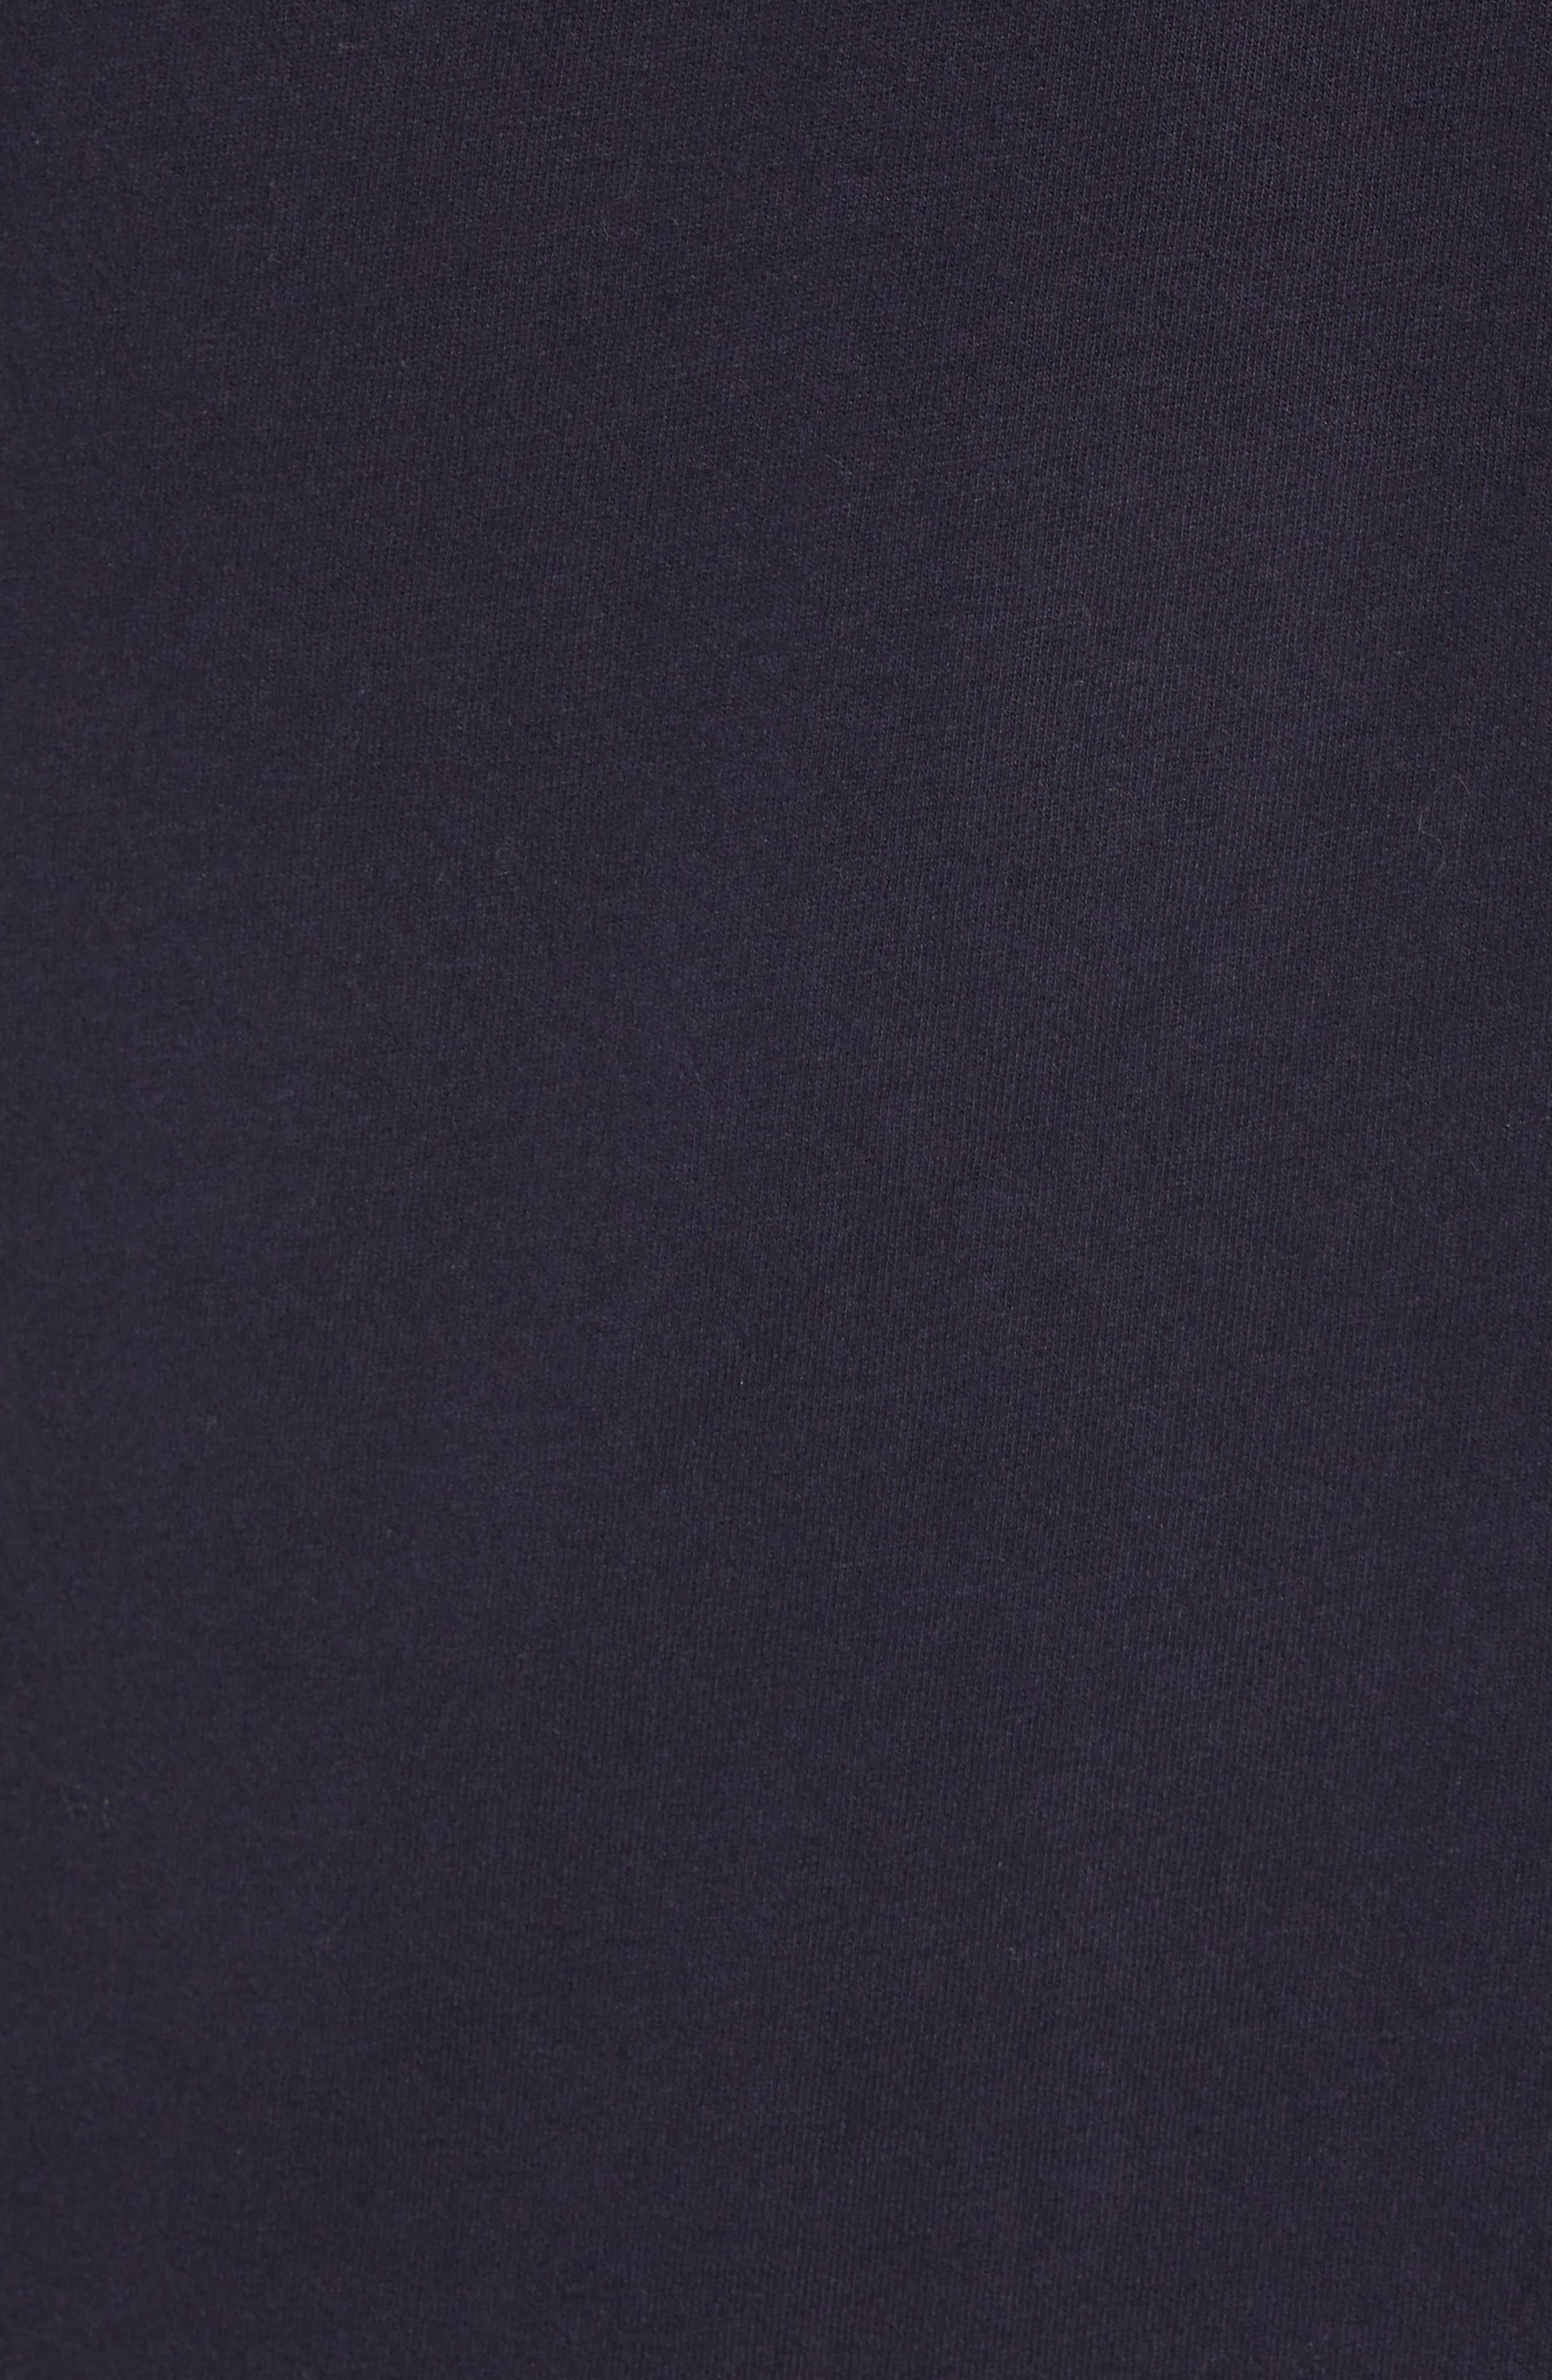 Decks Regular Fit Cotton T-Shirt,                             Alternate thumbnail 5, color,                             UTILITY BLUE BLACK